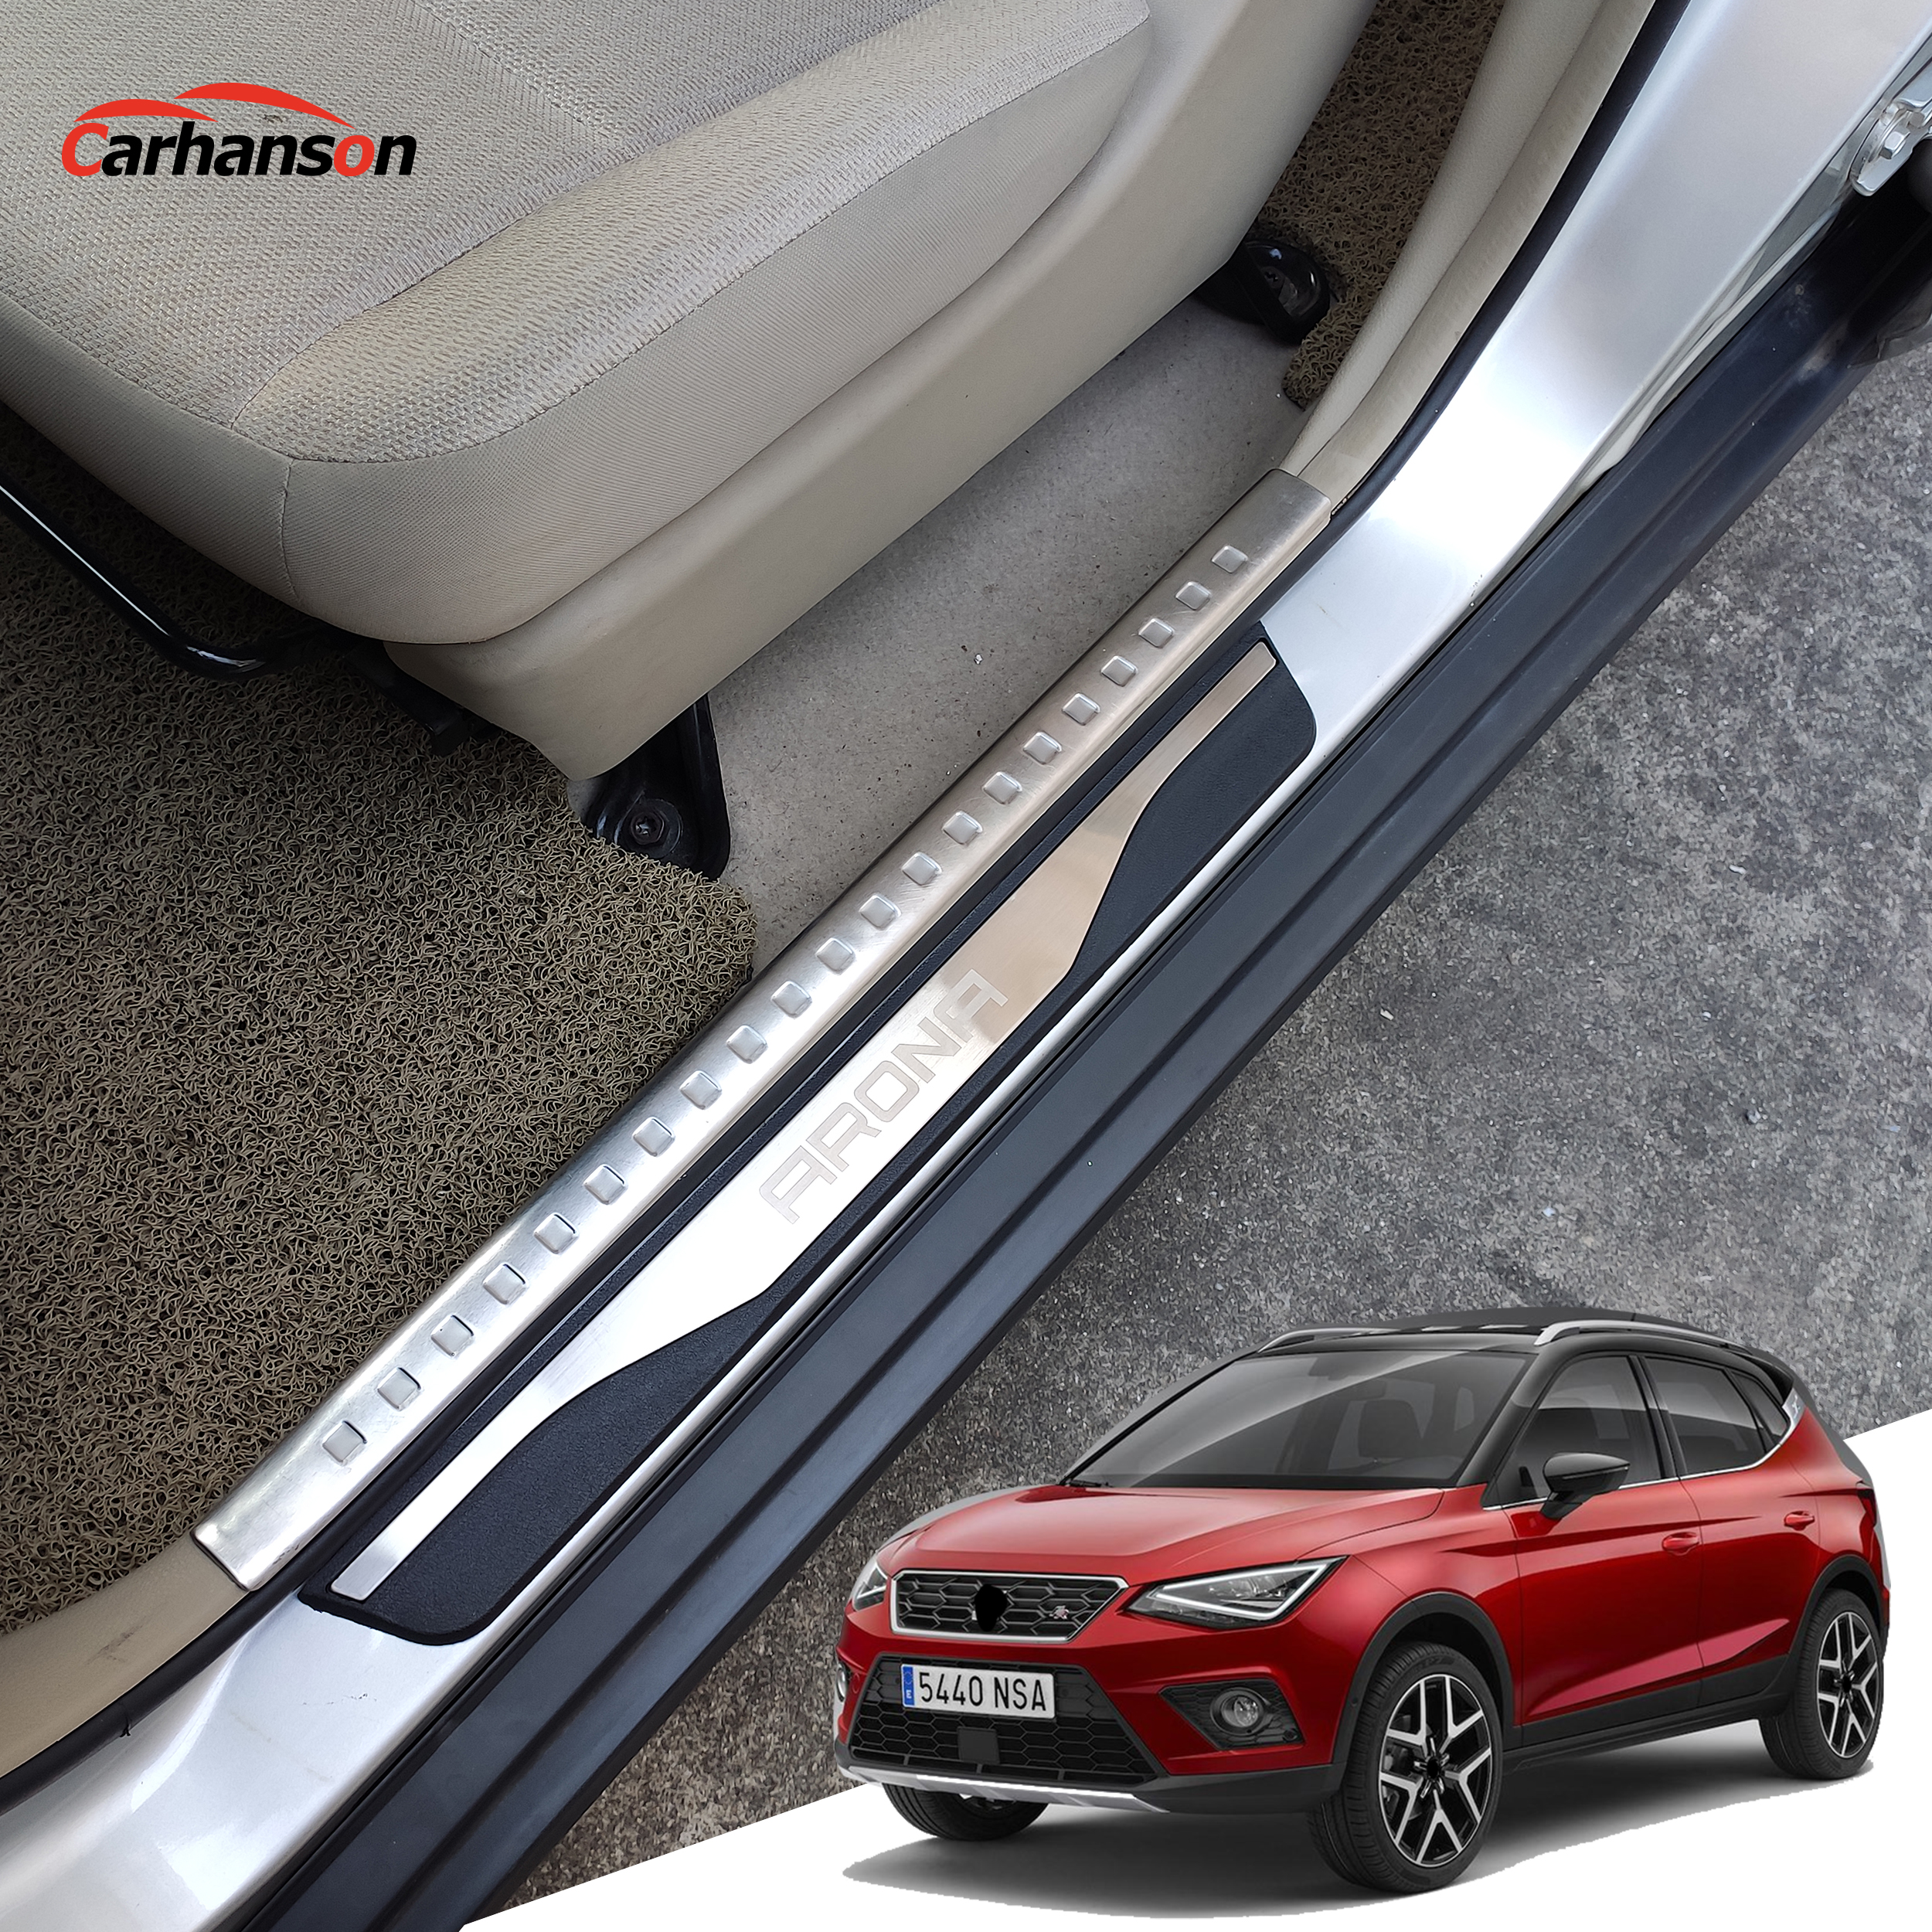 Pour SEAT ARONA FR voiture autocollant accessoires porte seuil bande Auto couverture plaques en acier inoxydable protecteurs gardes style 2017-2020